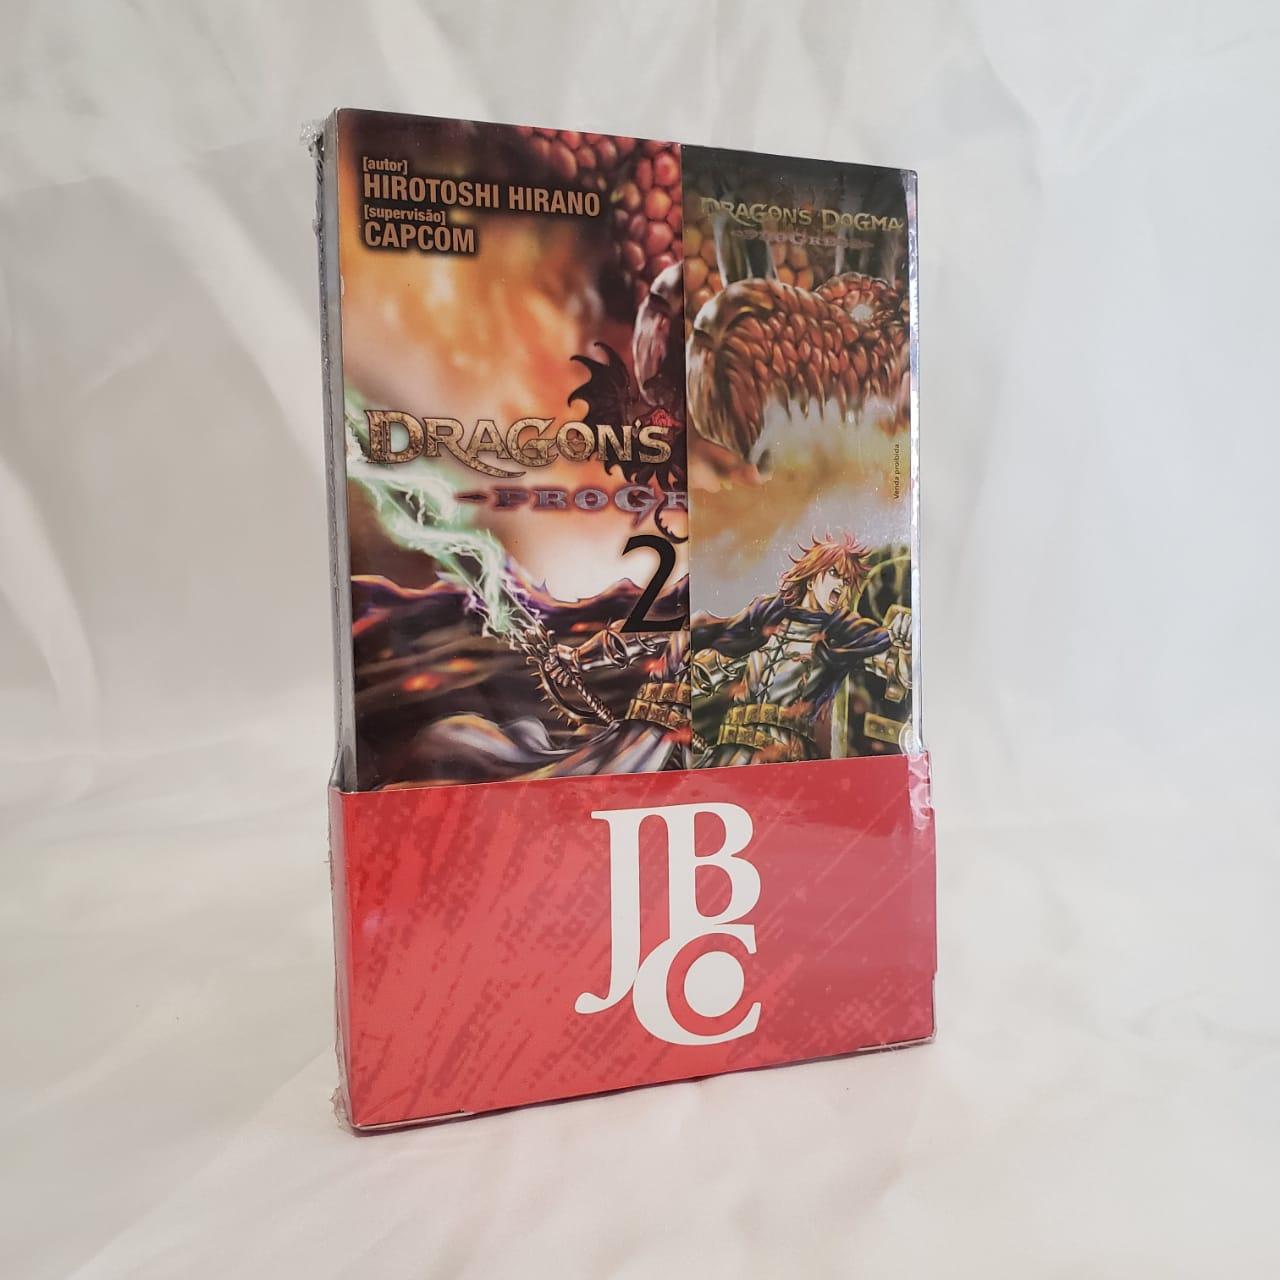 Dragon's Dogma Progress - 1 e 2 - Coleção Completa - Box